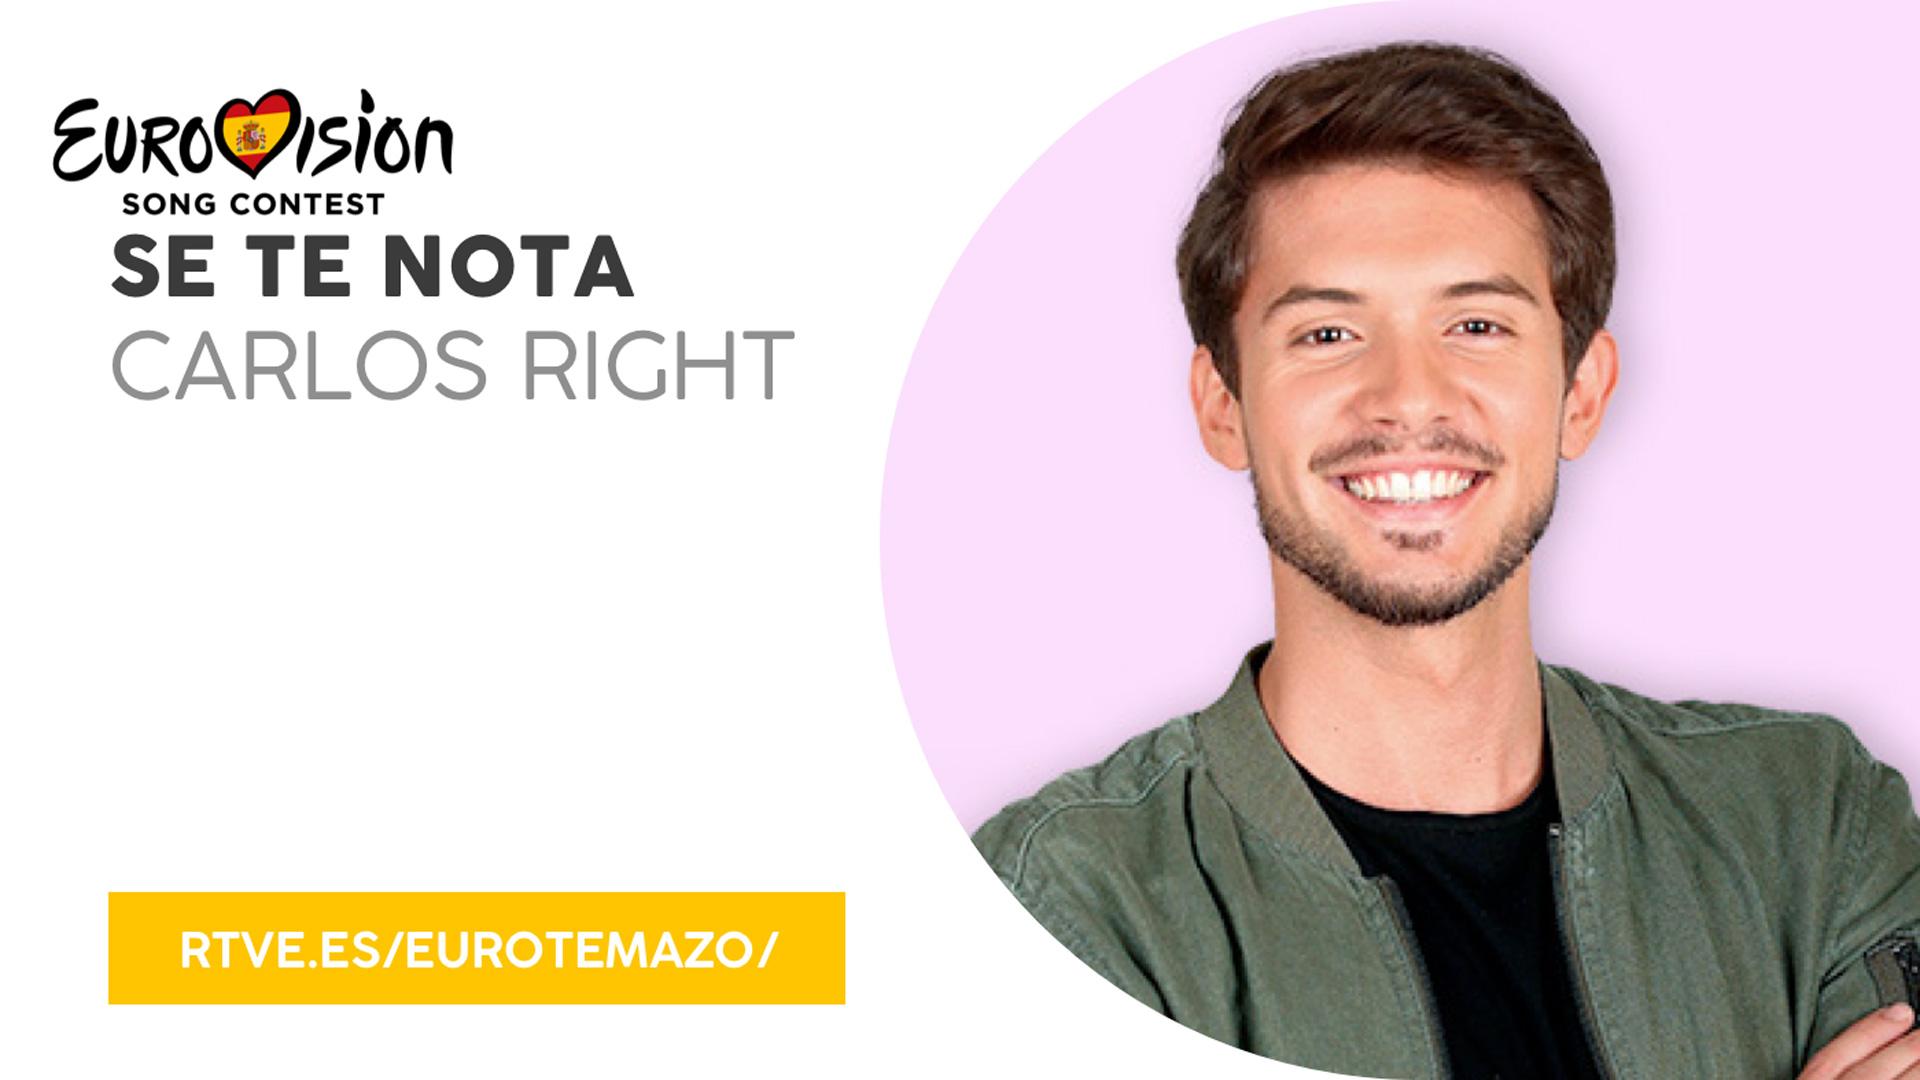 """Eurovisión 2019 - Eurotemazo: versión final de """"Se te nota"""", cantada por Carlos Right"""